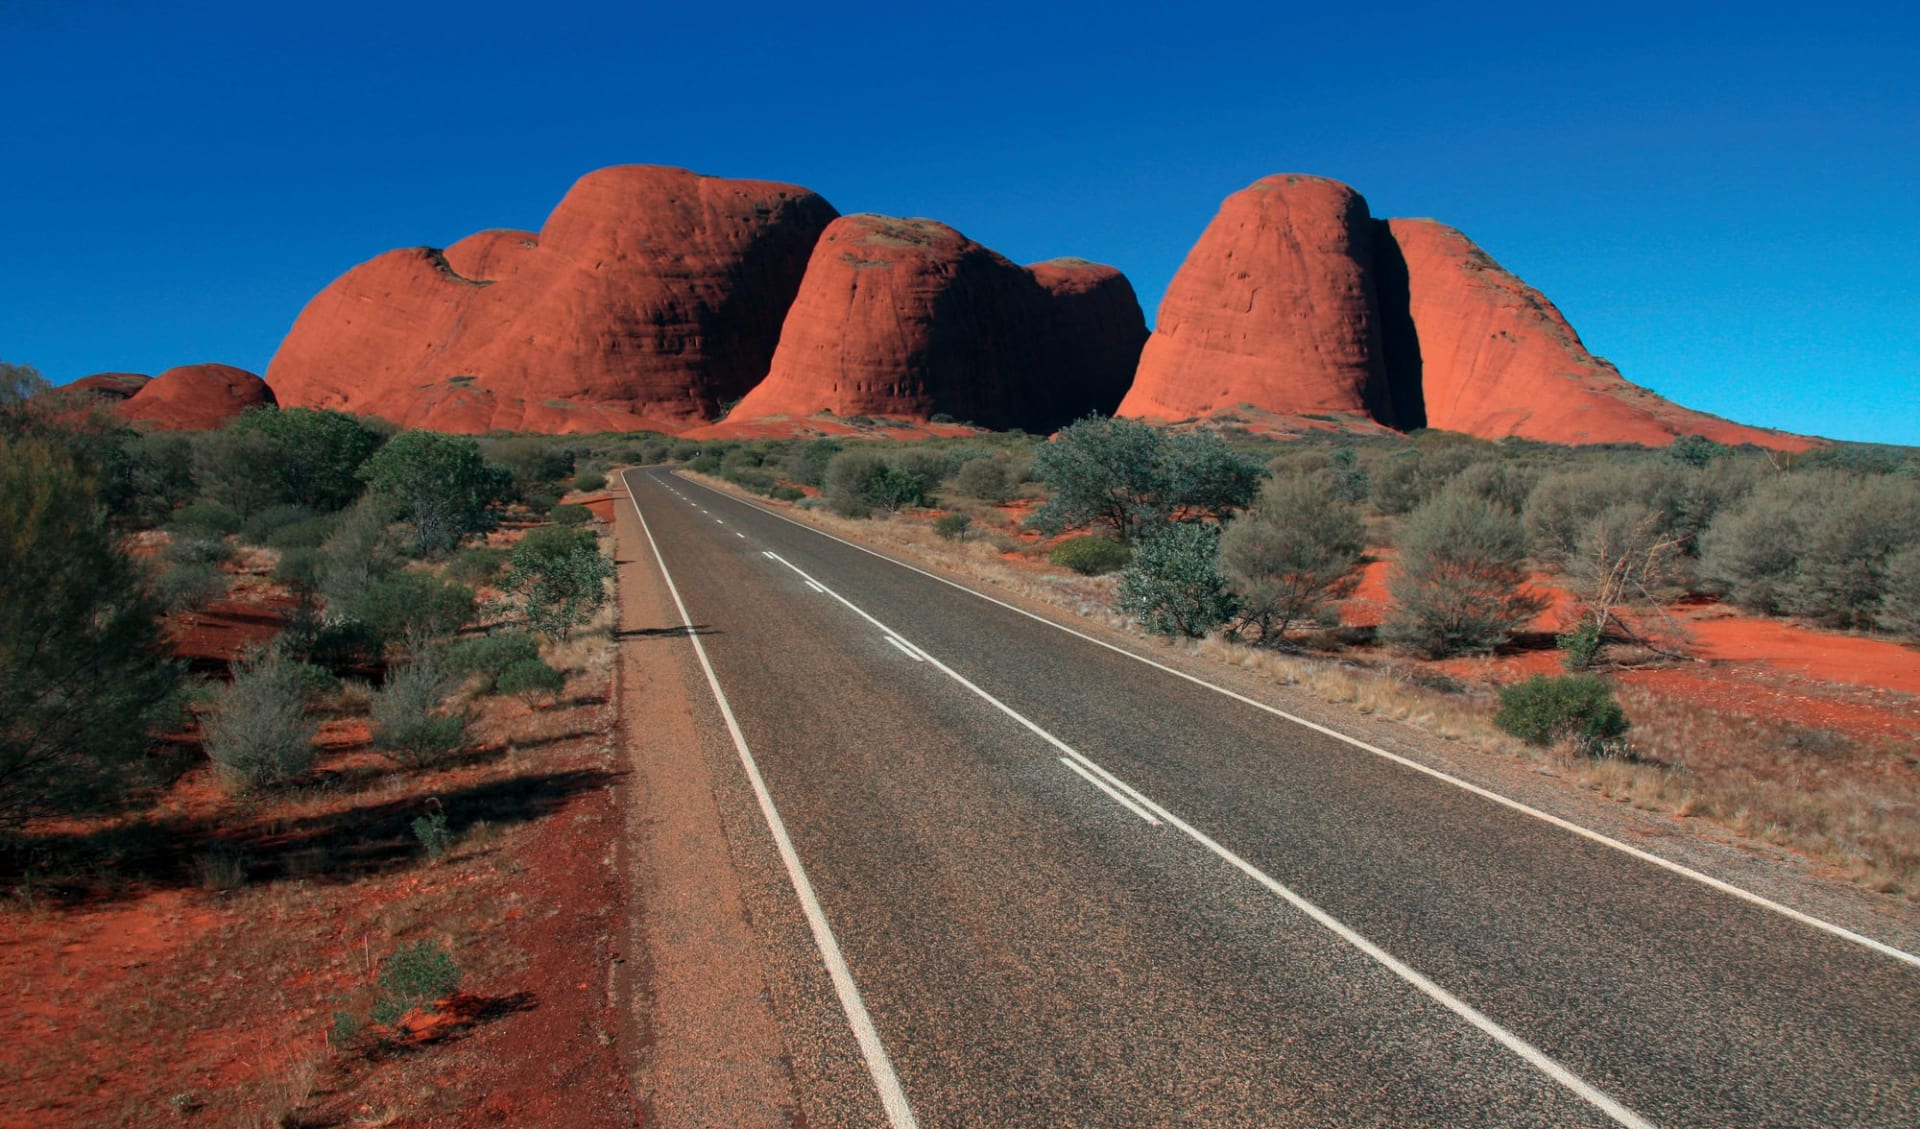 Uluru Adventure ab Alice Springs: Kata Tjuta - The Olgas with road